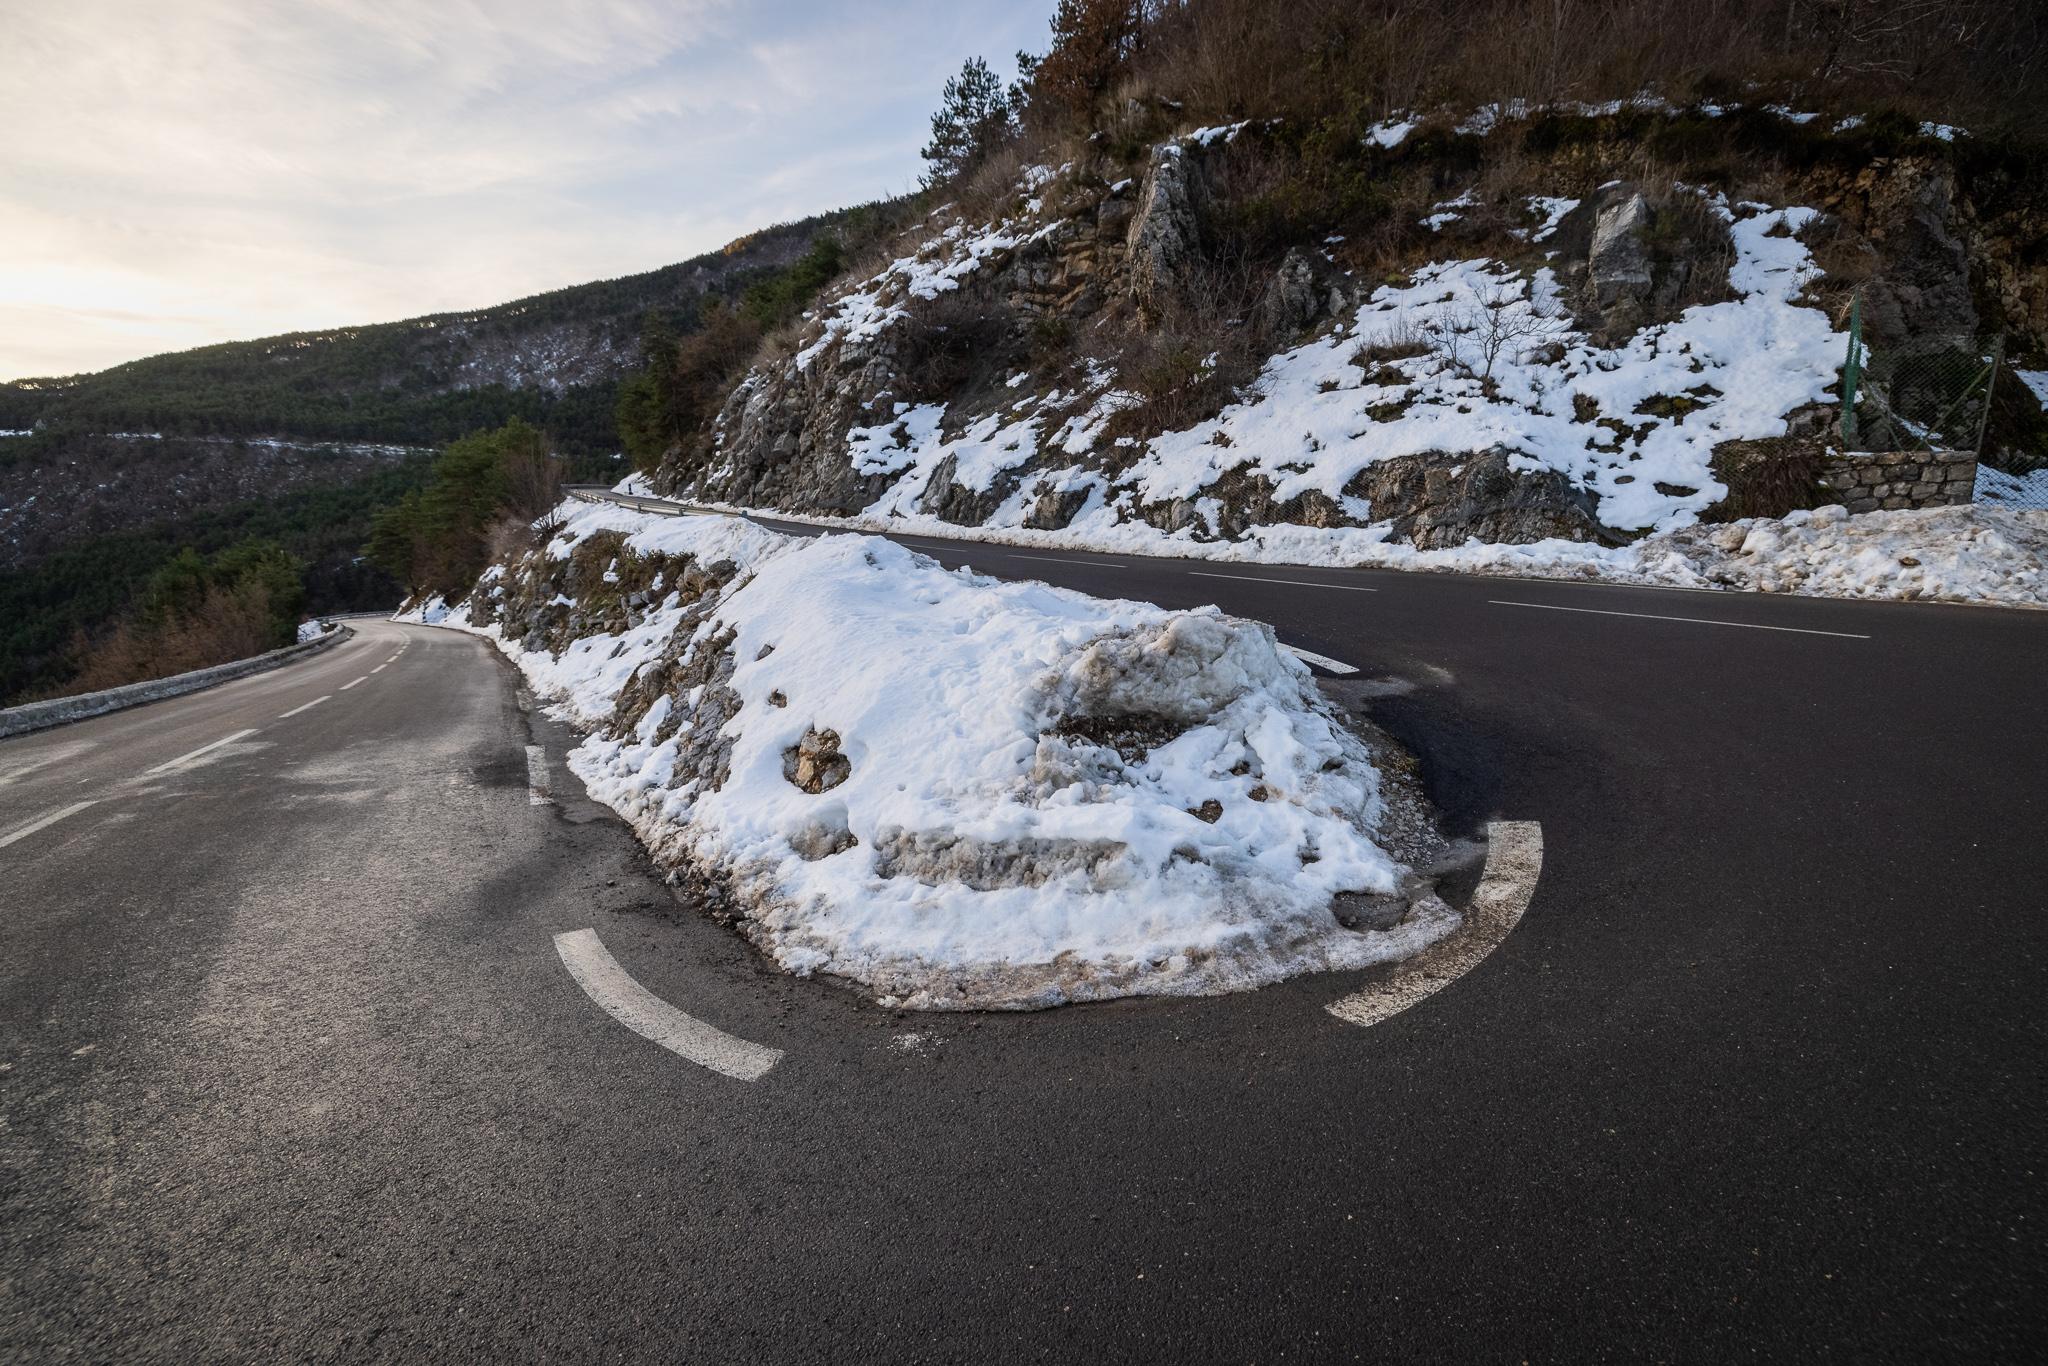 WRC: 89º Rallye Automobile de Monte-Carlo [18-24 Enero] - Página 2 EsFly9oXcAIqRRt?format=jpg&name=large